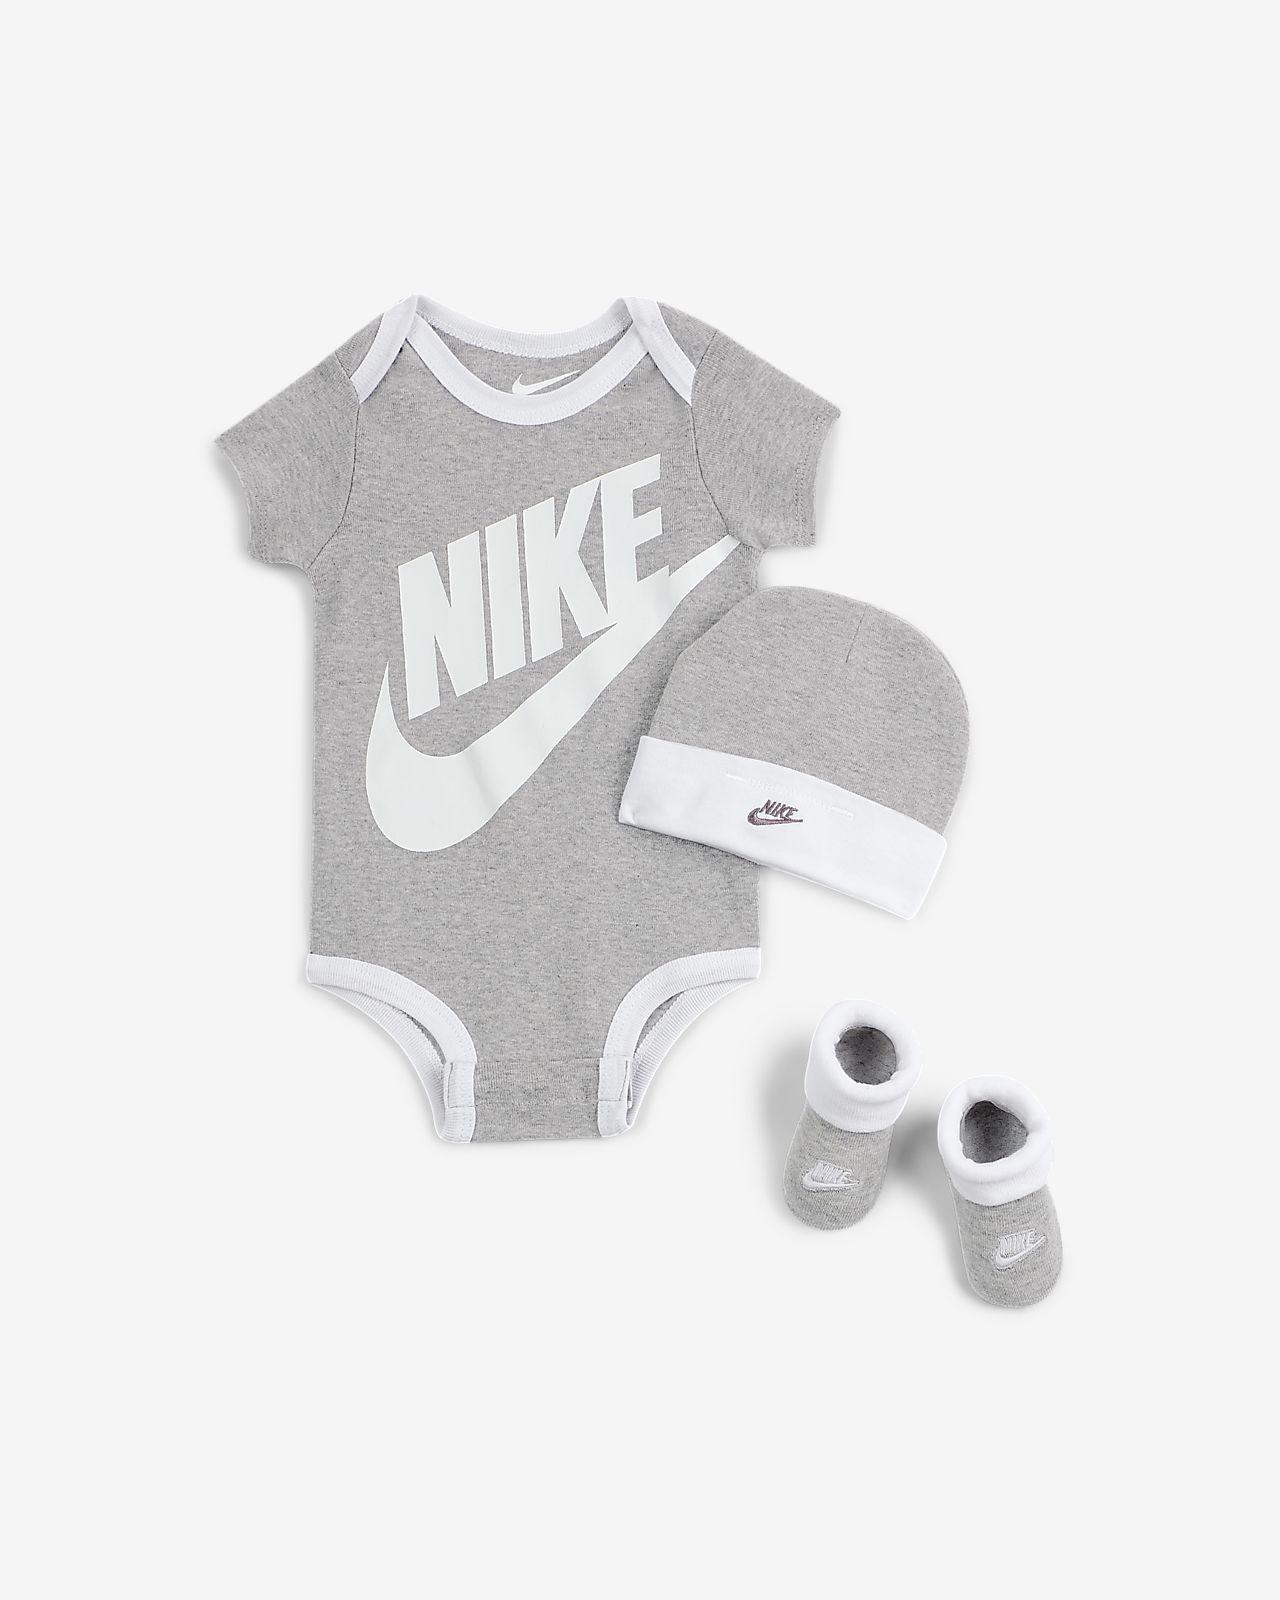 Nike Sportswear body, mössa och tossor för baby